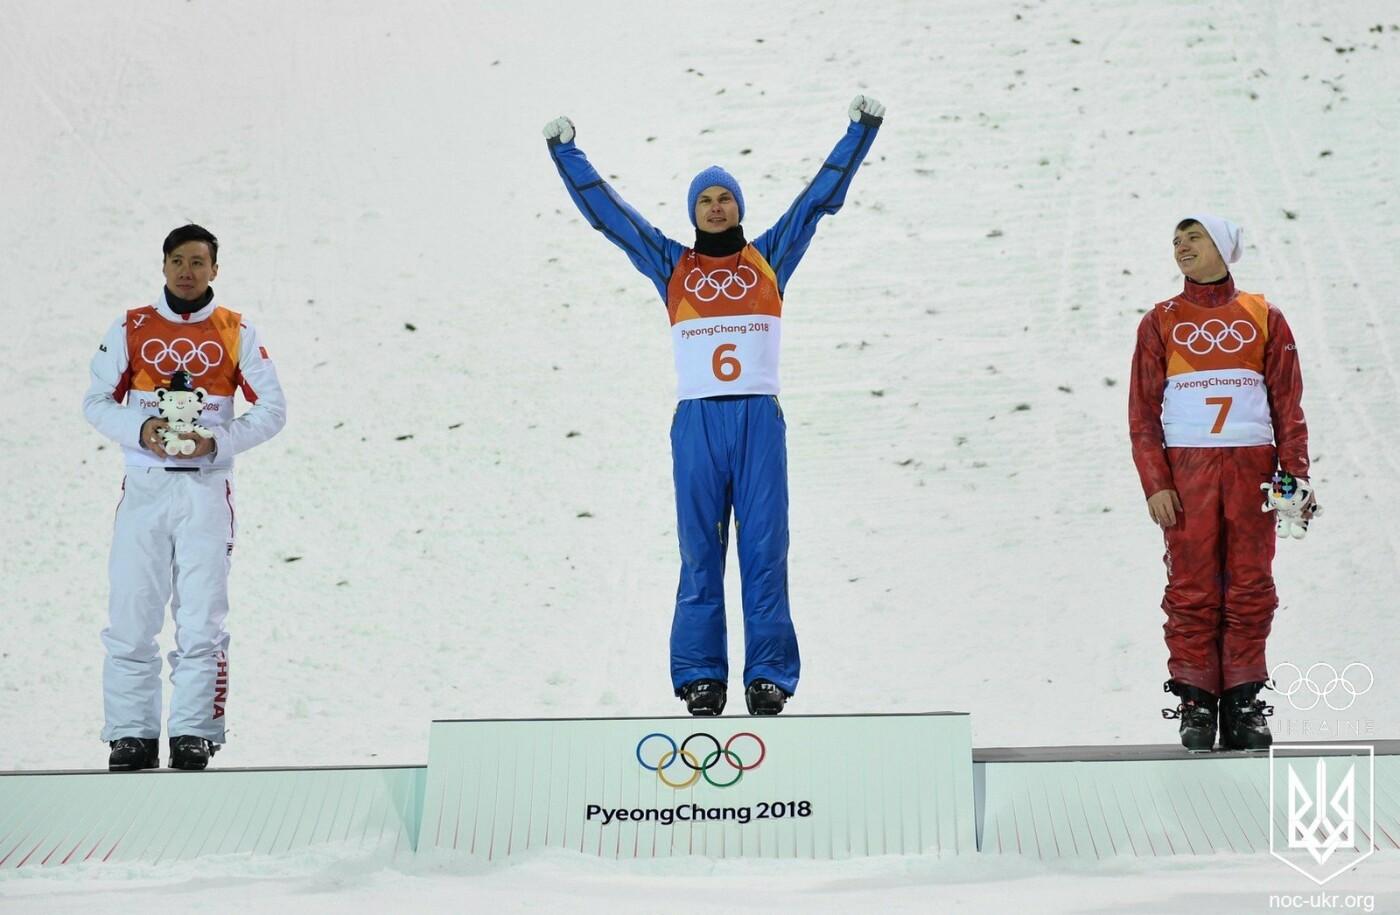 Украинец завоевал золотую медаль в зимних Олимпийских играх. Впервые в истории в лыжной дисциплине, фото-2